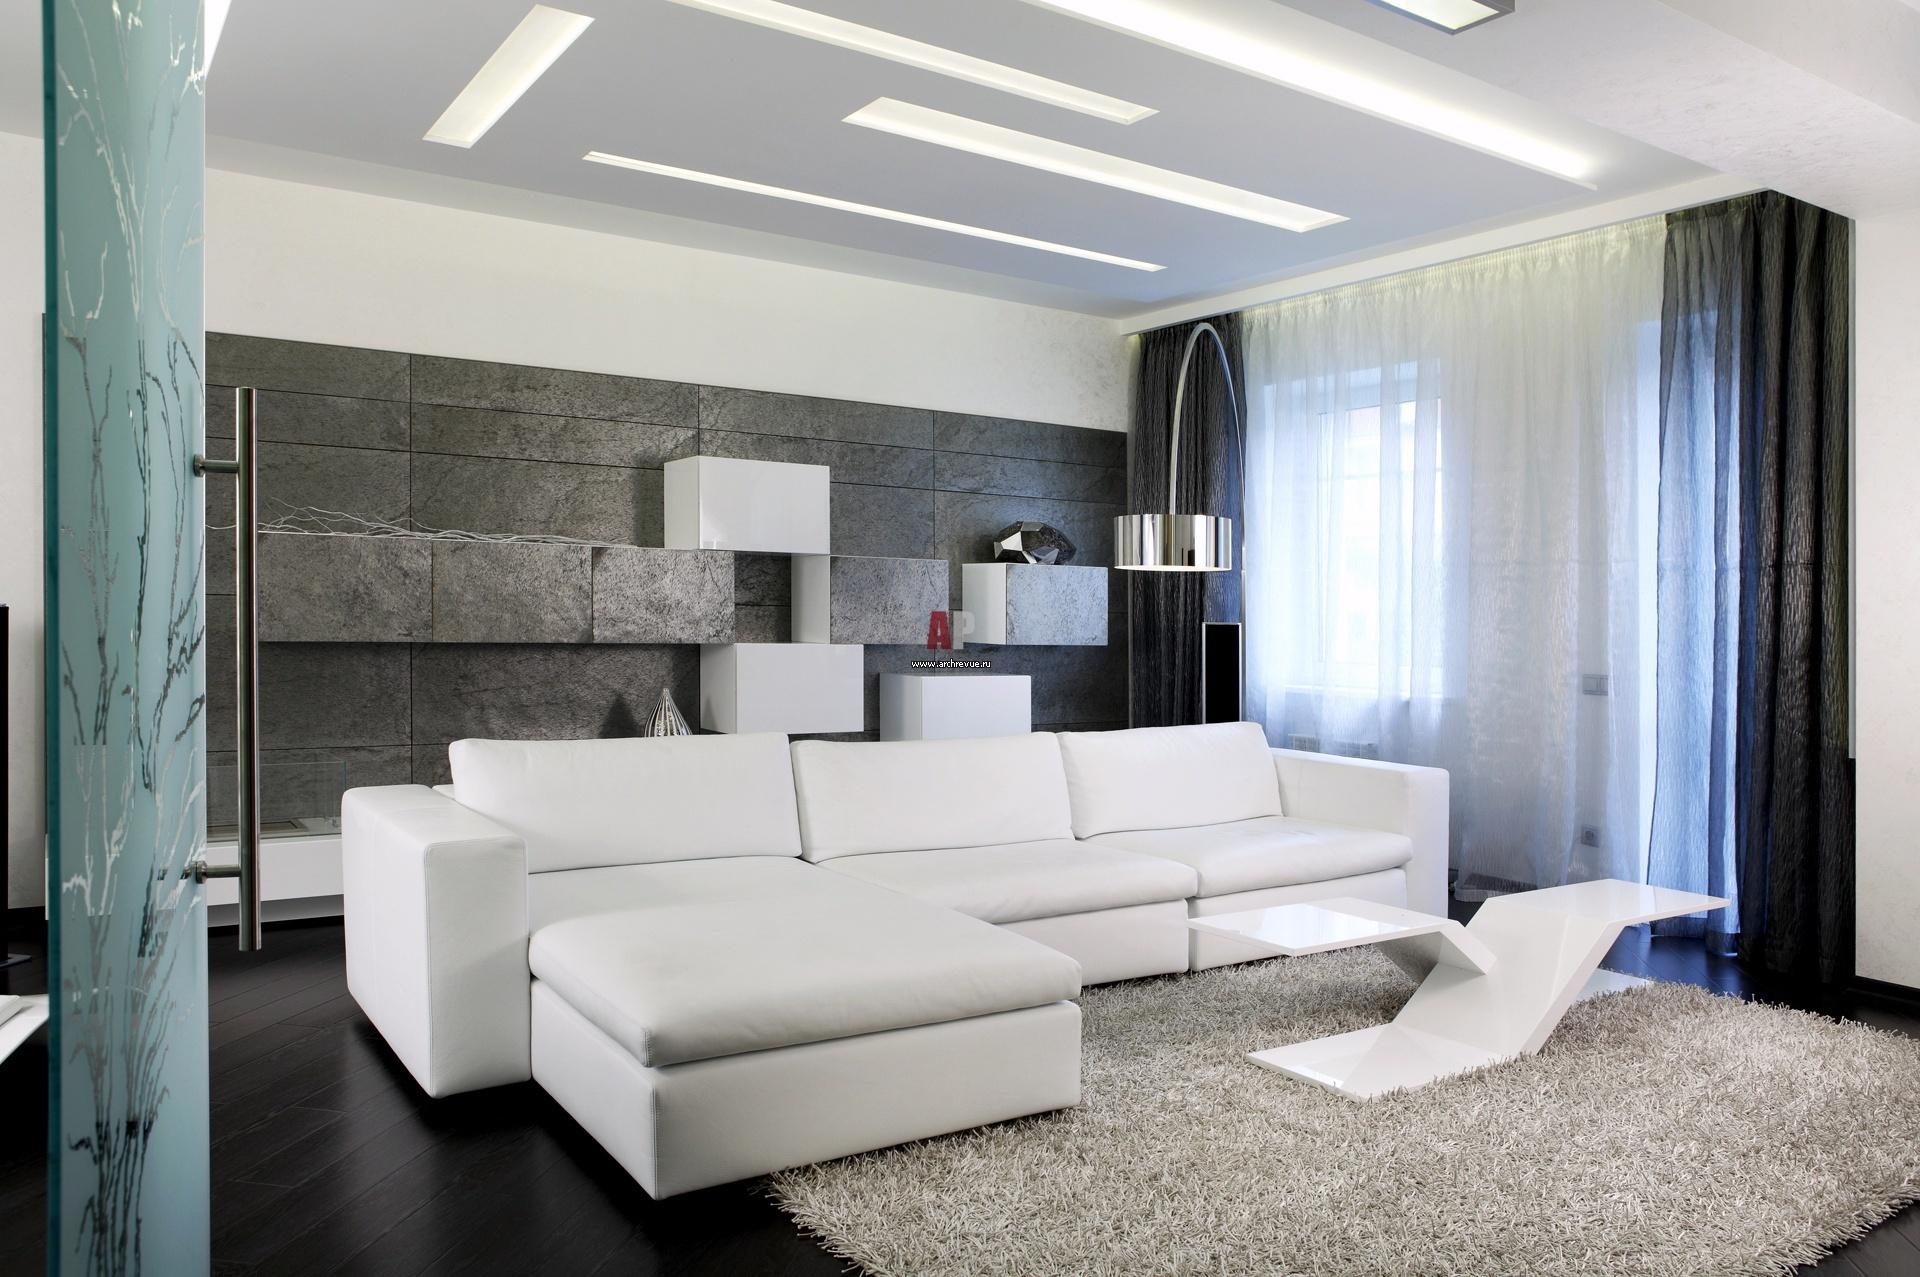 Для изготовления мебели и отделки, в этом случае, используются металл, стекло и пластик.